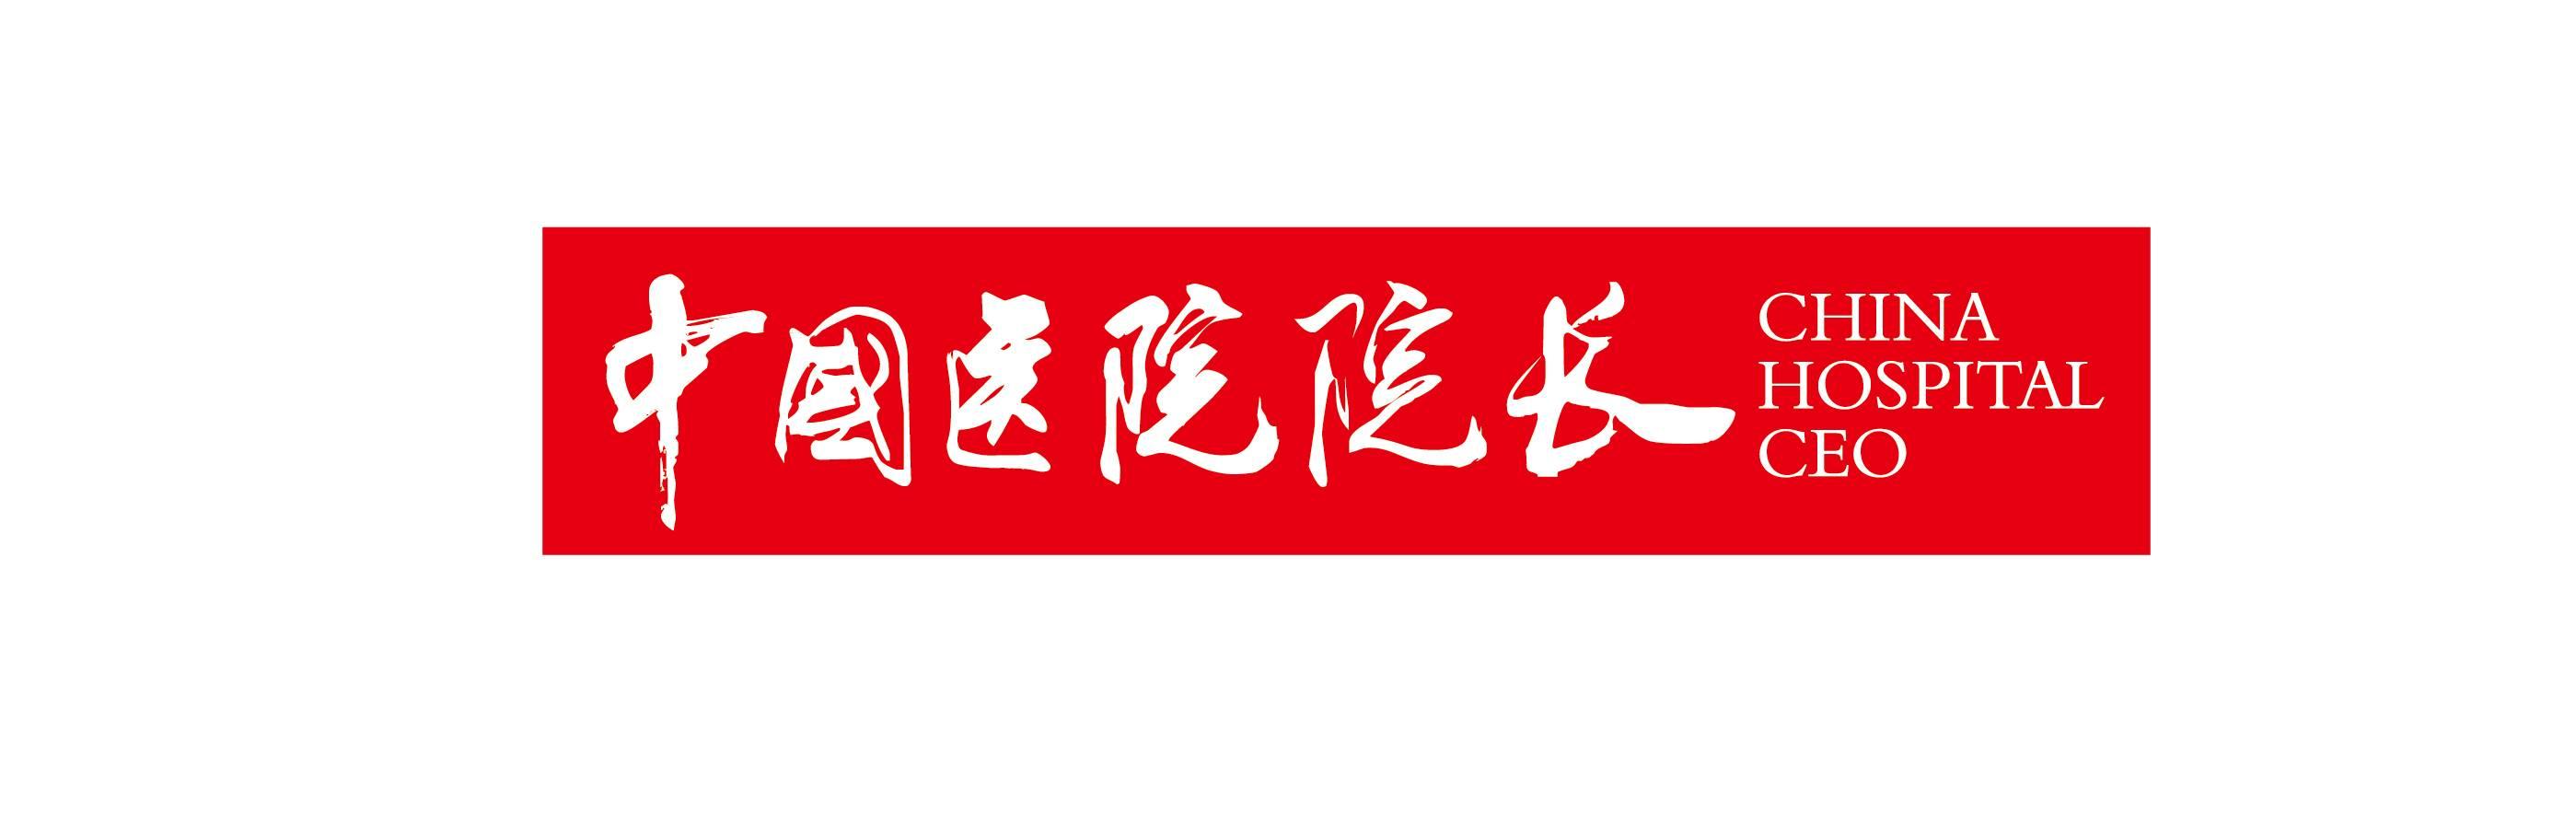 中国医院院长